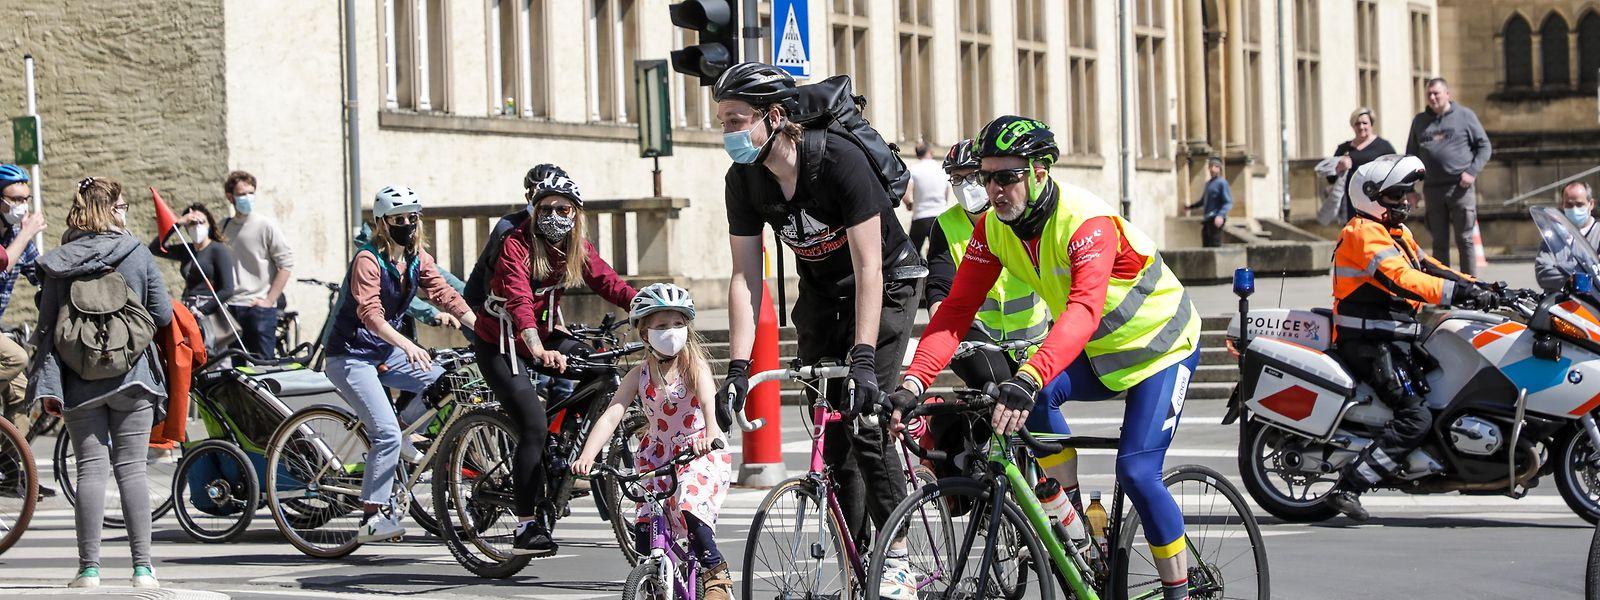 Am Samstag um 15 Uhr werden Radfahrer in der Stadt für sichere Infrastrukturen demonstrieren. Gleichzeitig findet von 9 bis 19 Uhr der Stroossemaart des Geschäftsverbandes statt.